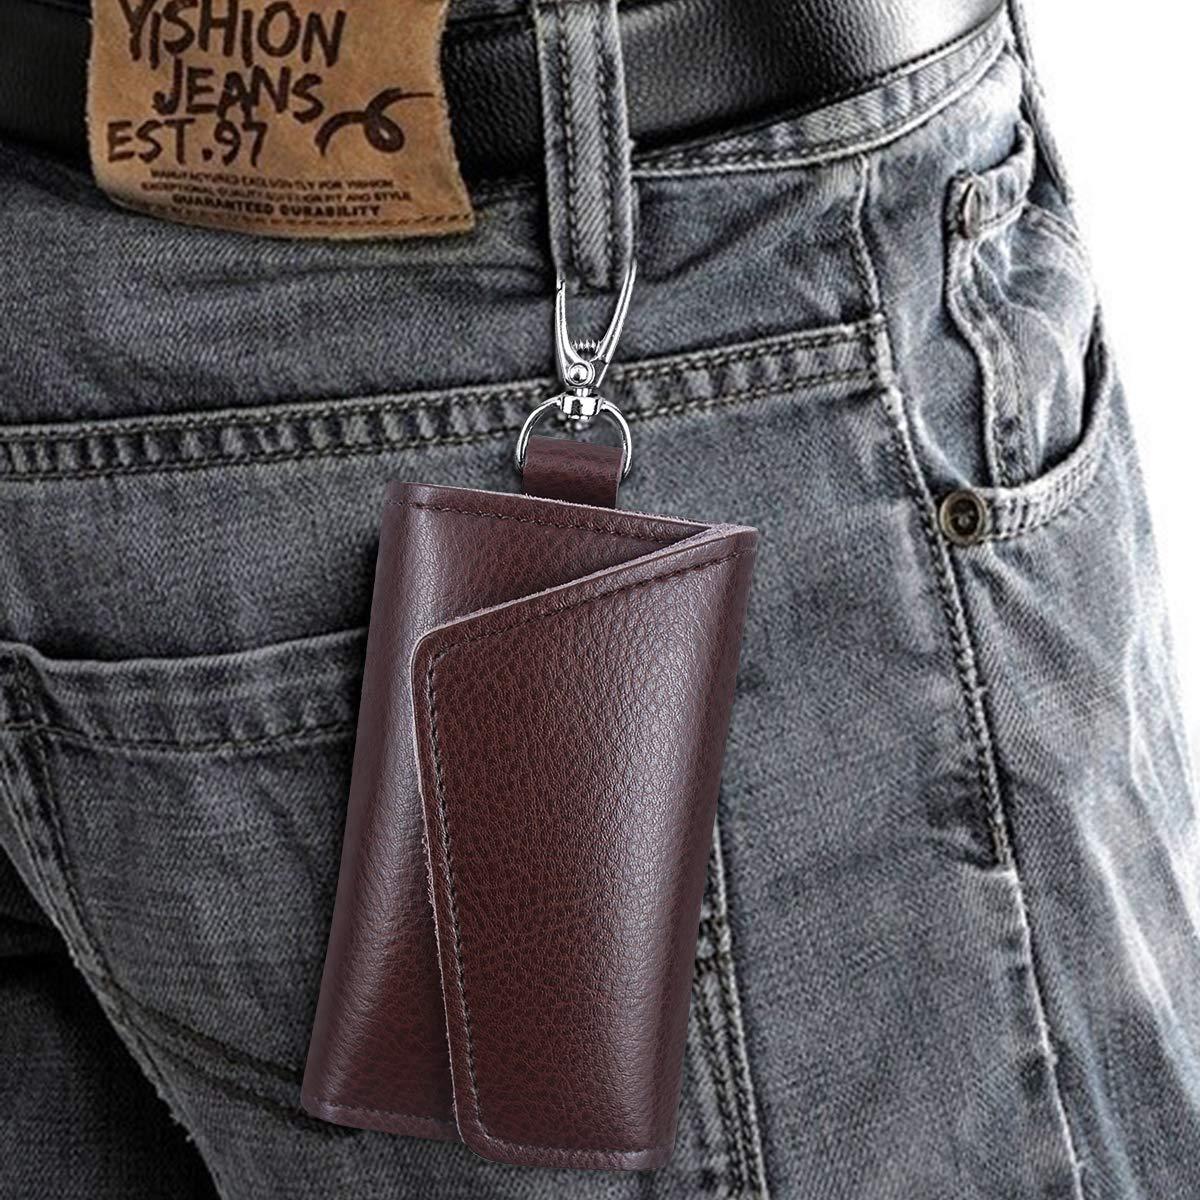 Slim Compact /Étui Portefeuille Cl/é pour Femmes Hommes Unisexe Marron Pochette Porte Clef Cuir avec 6 Cl/és Crochets Etuis Porte Cl/és Cuir